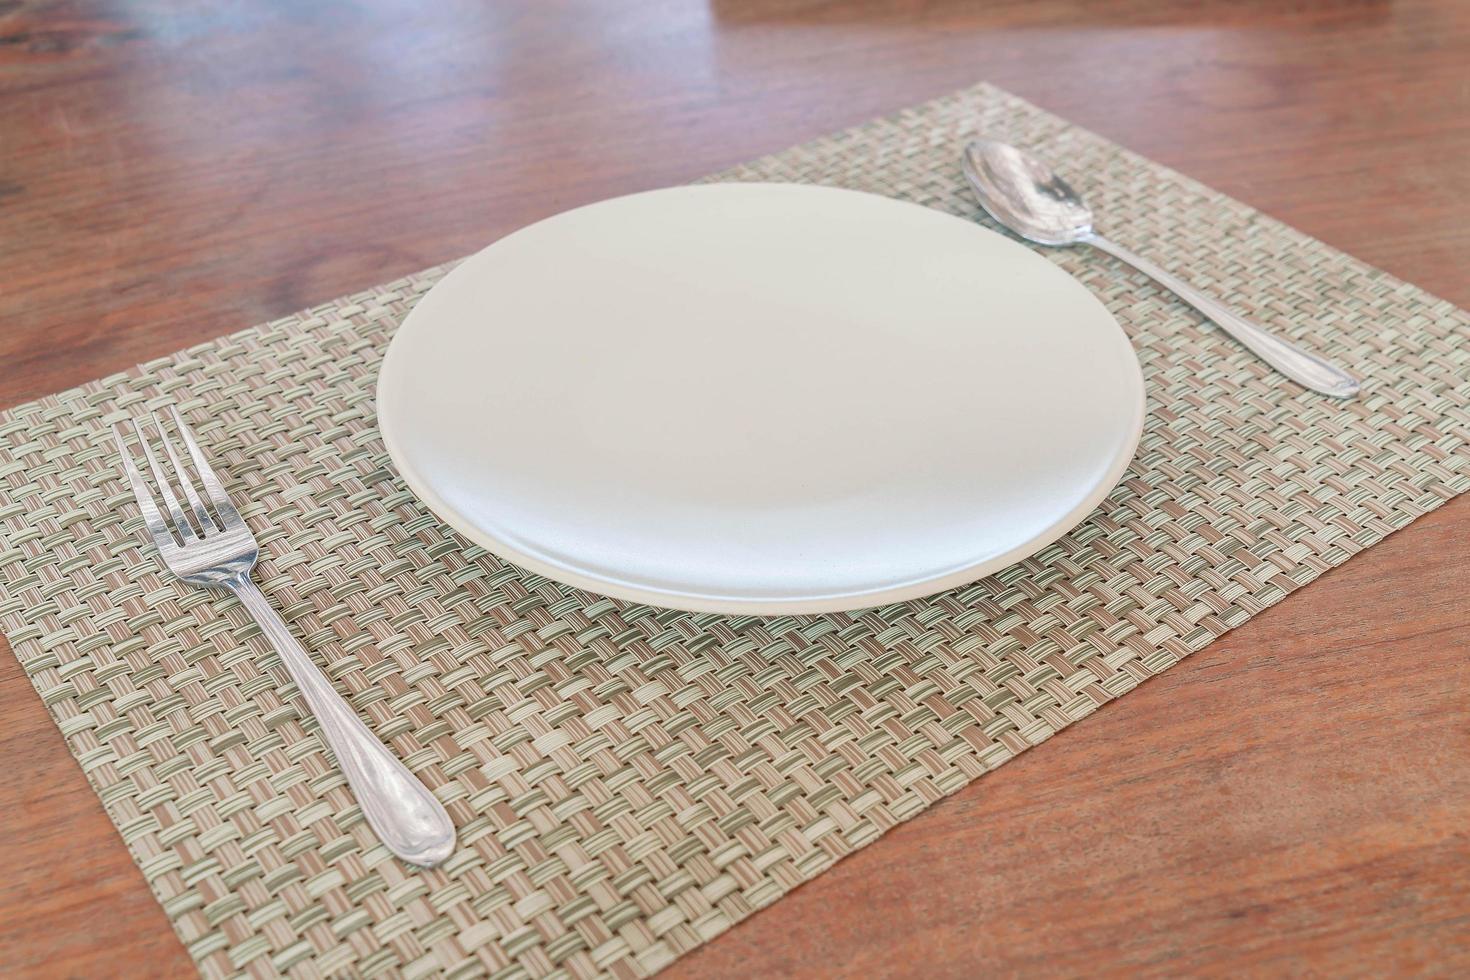 plato vacío cuchara y tenedor foto